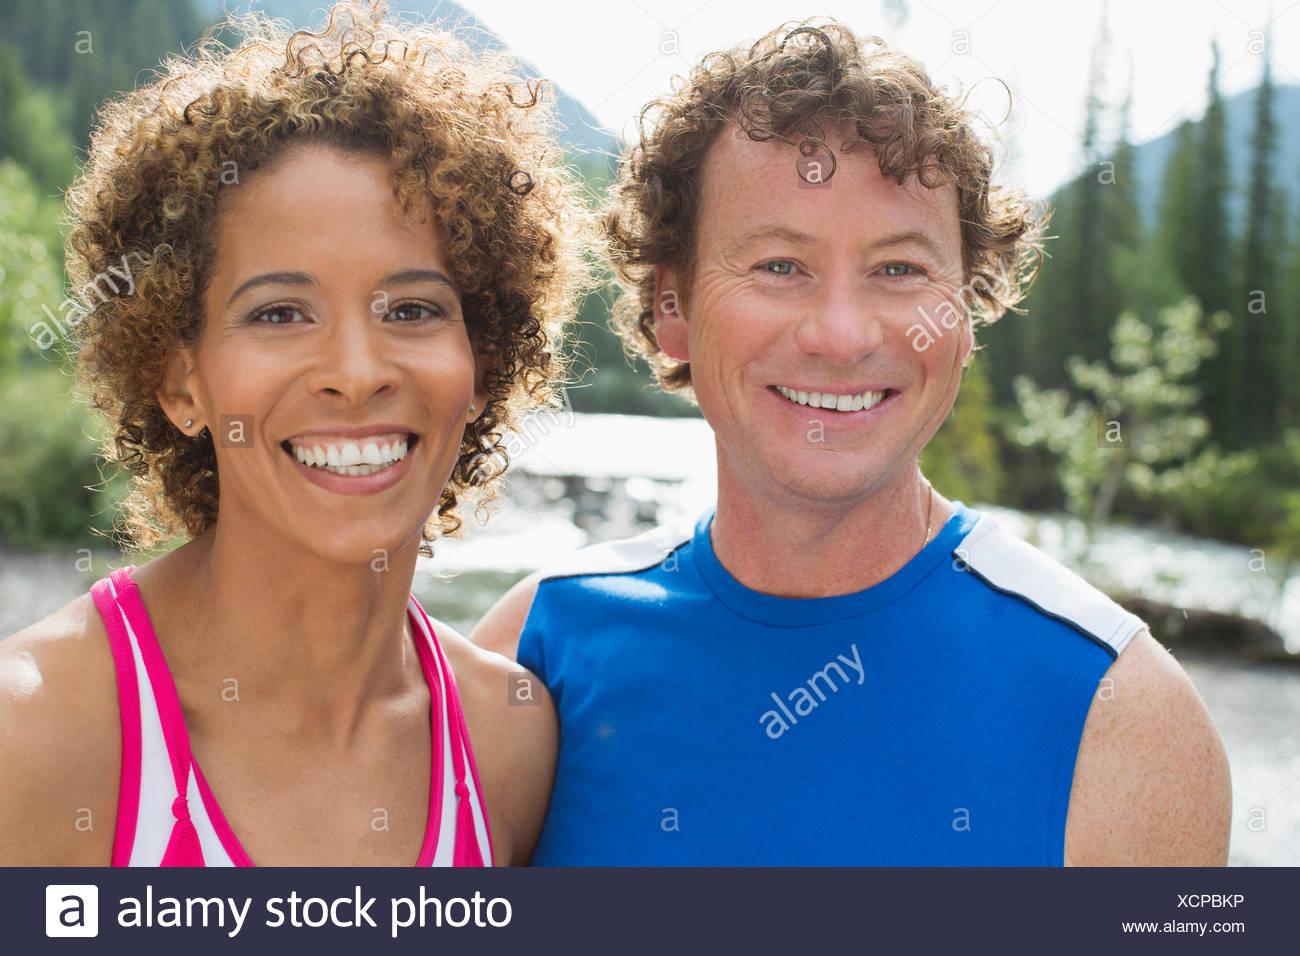 Portrait of attractive, athletic couple dans les bois Photo Stock